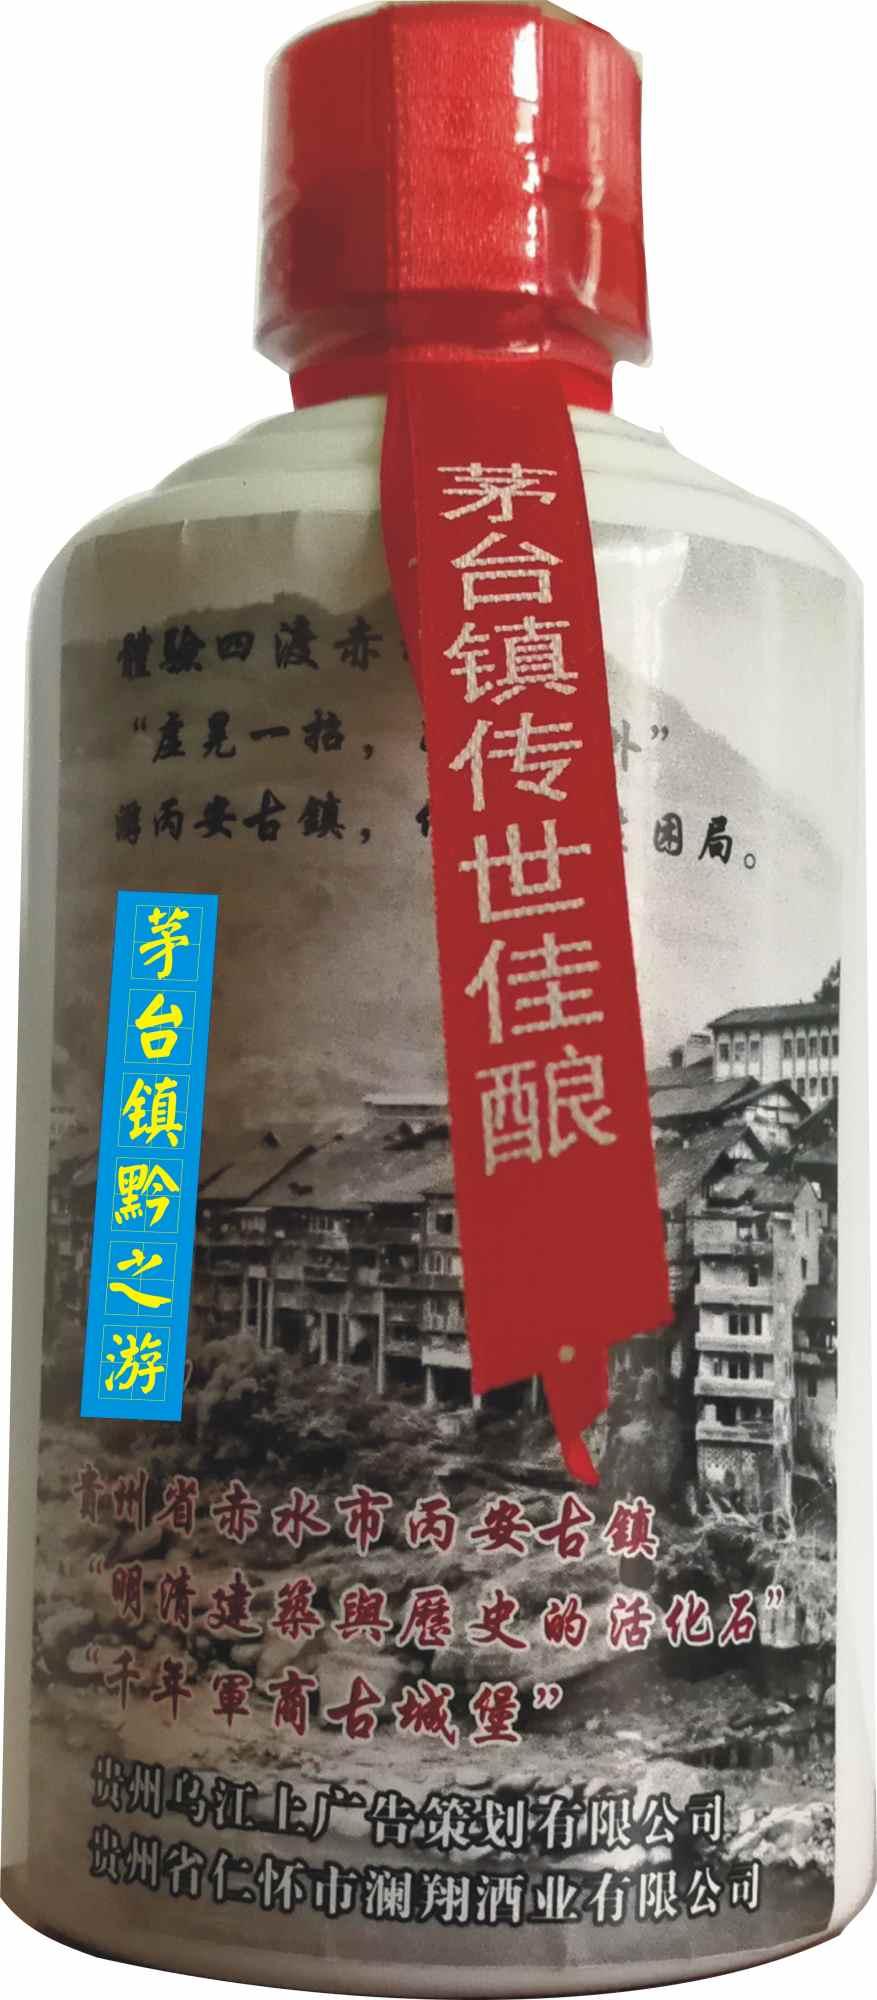 黔之游旅游纪念酒瓶身